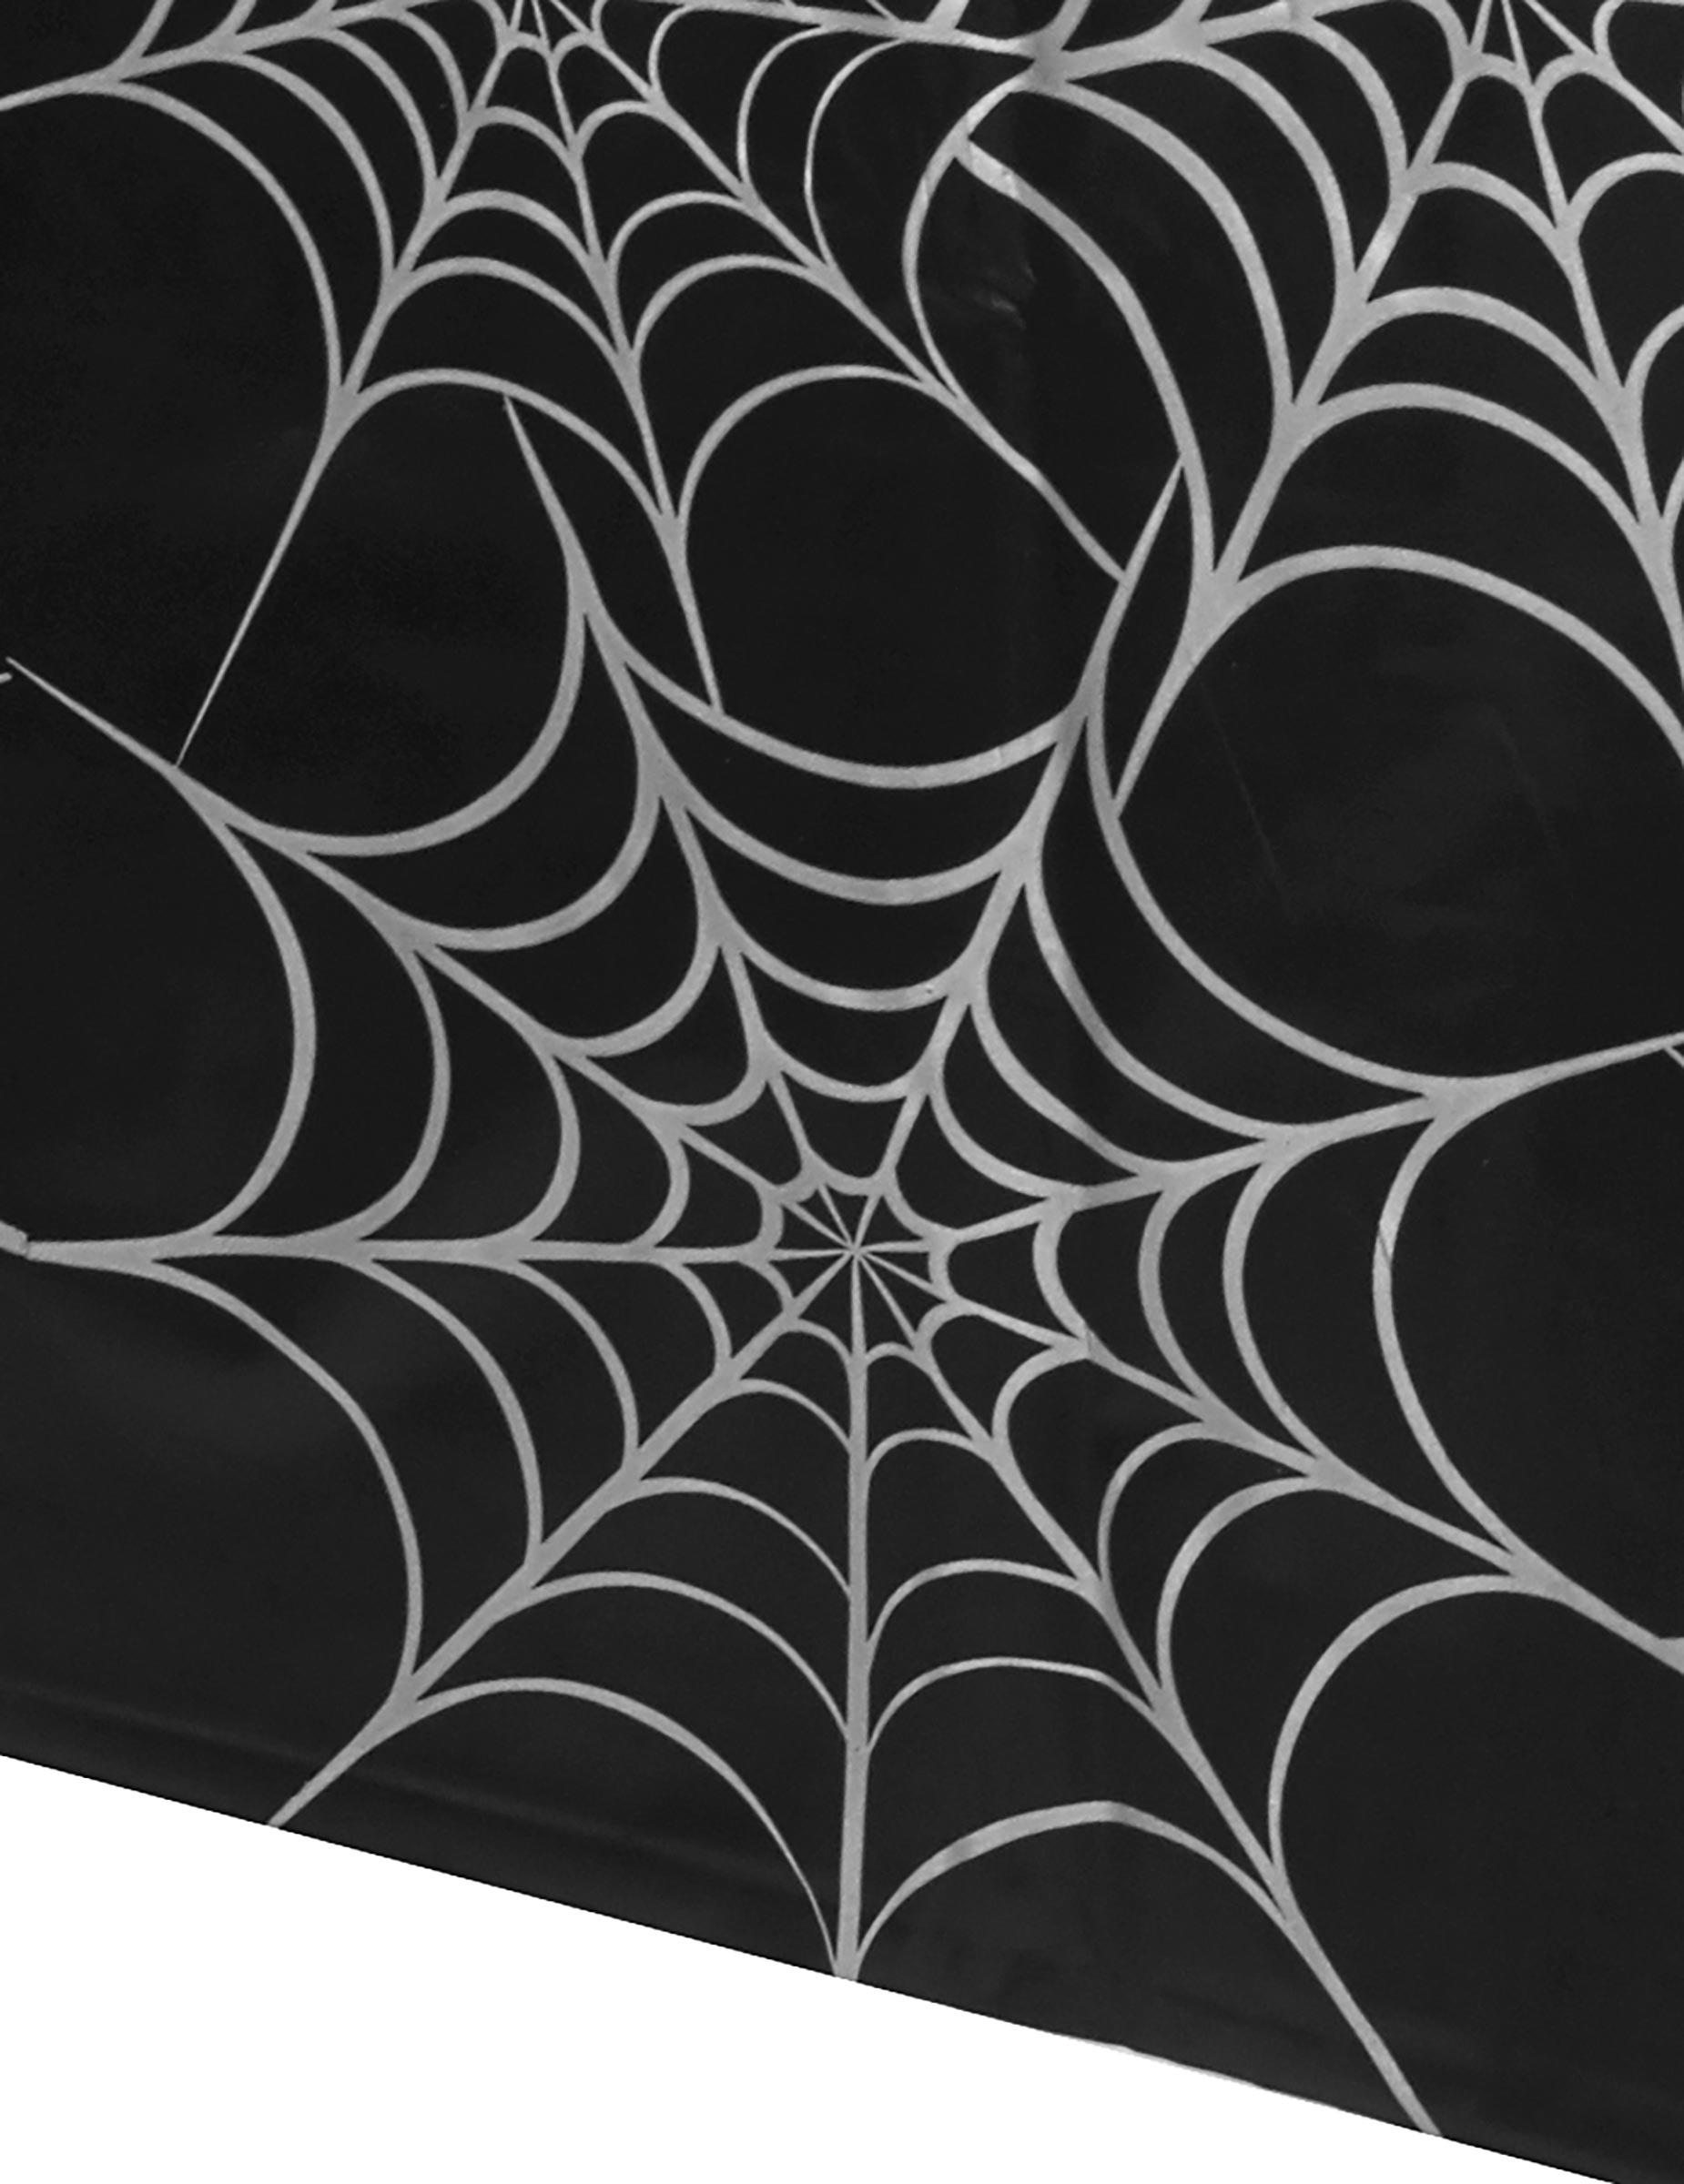 spinnen tischdecke halloween tischdeko spinnennetz schwarz weiss 1 35x2 7m g nstige faschings. Black Bedroom Furniture Sets. Home Design Ideas